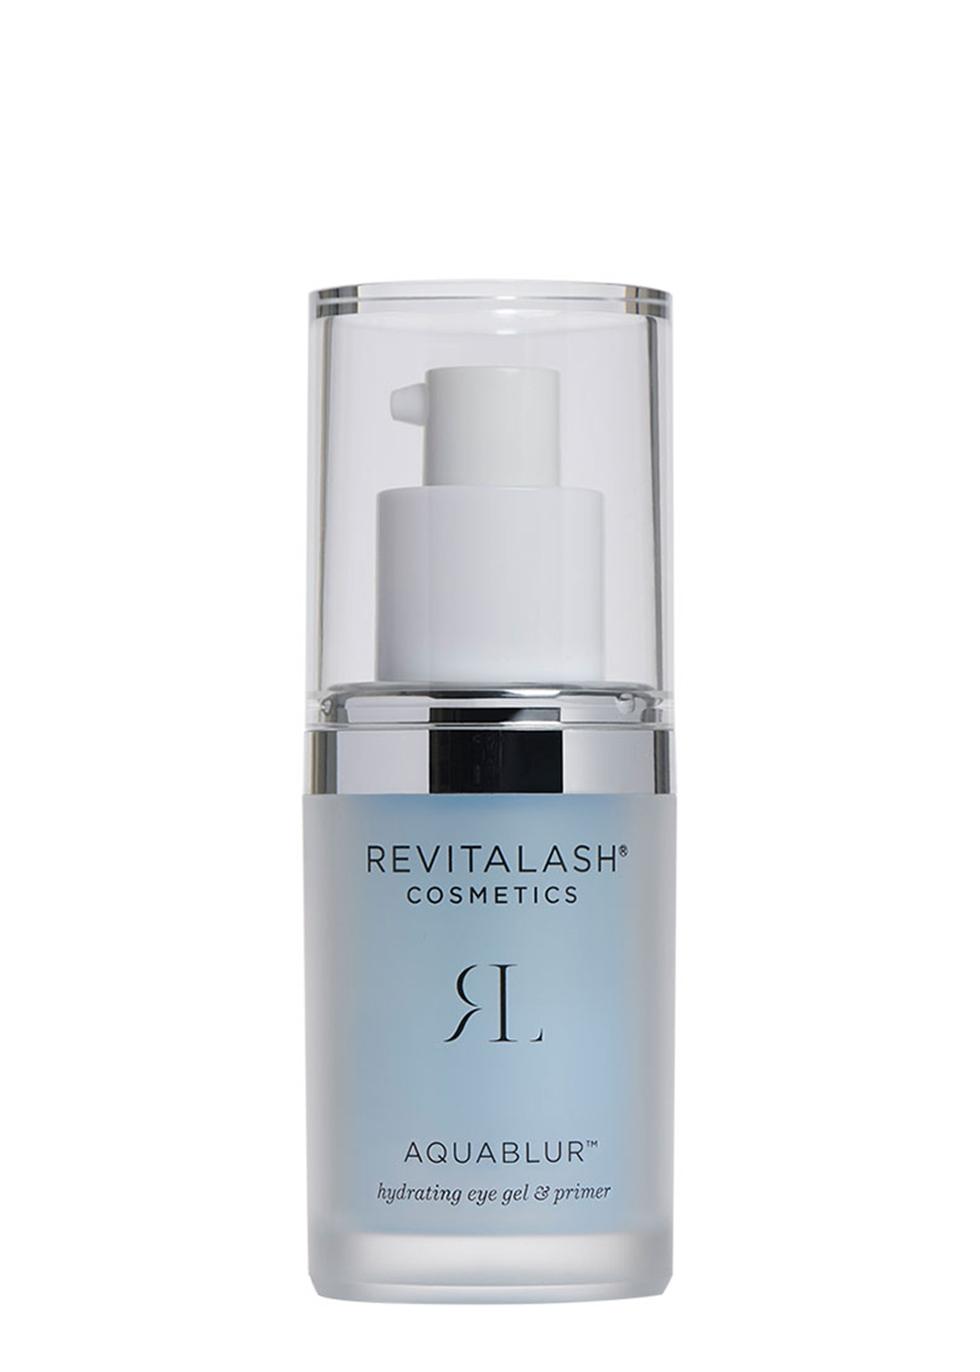 AquaBlur Hydrating Eye Gel & Primer